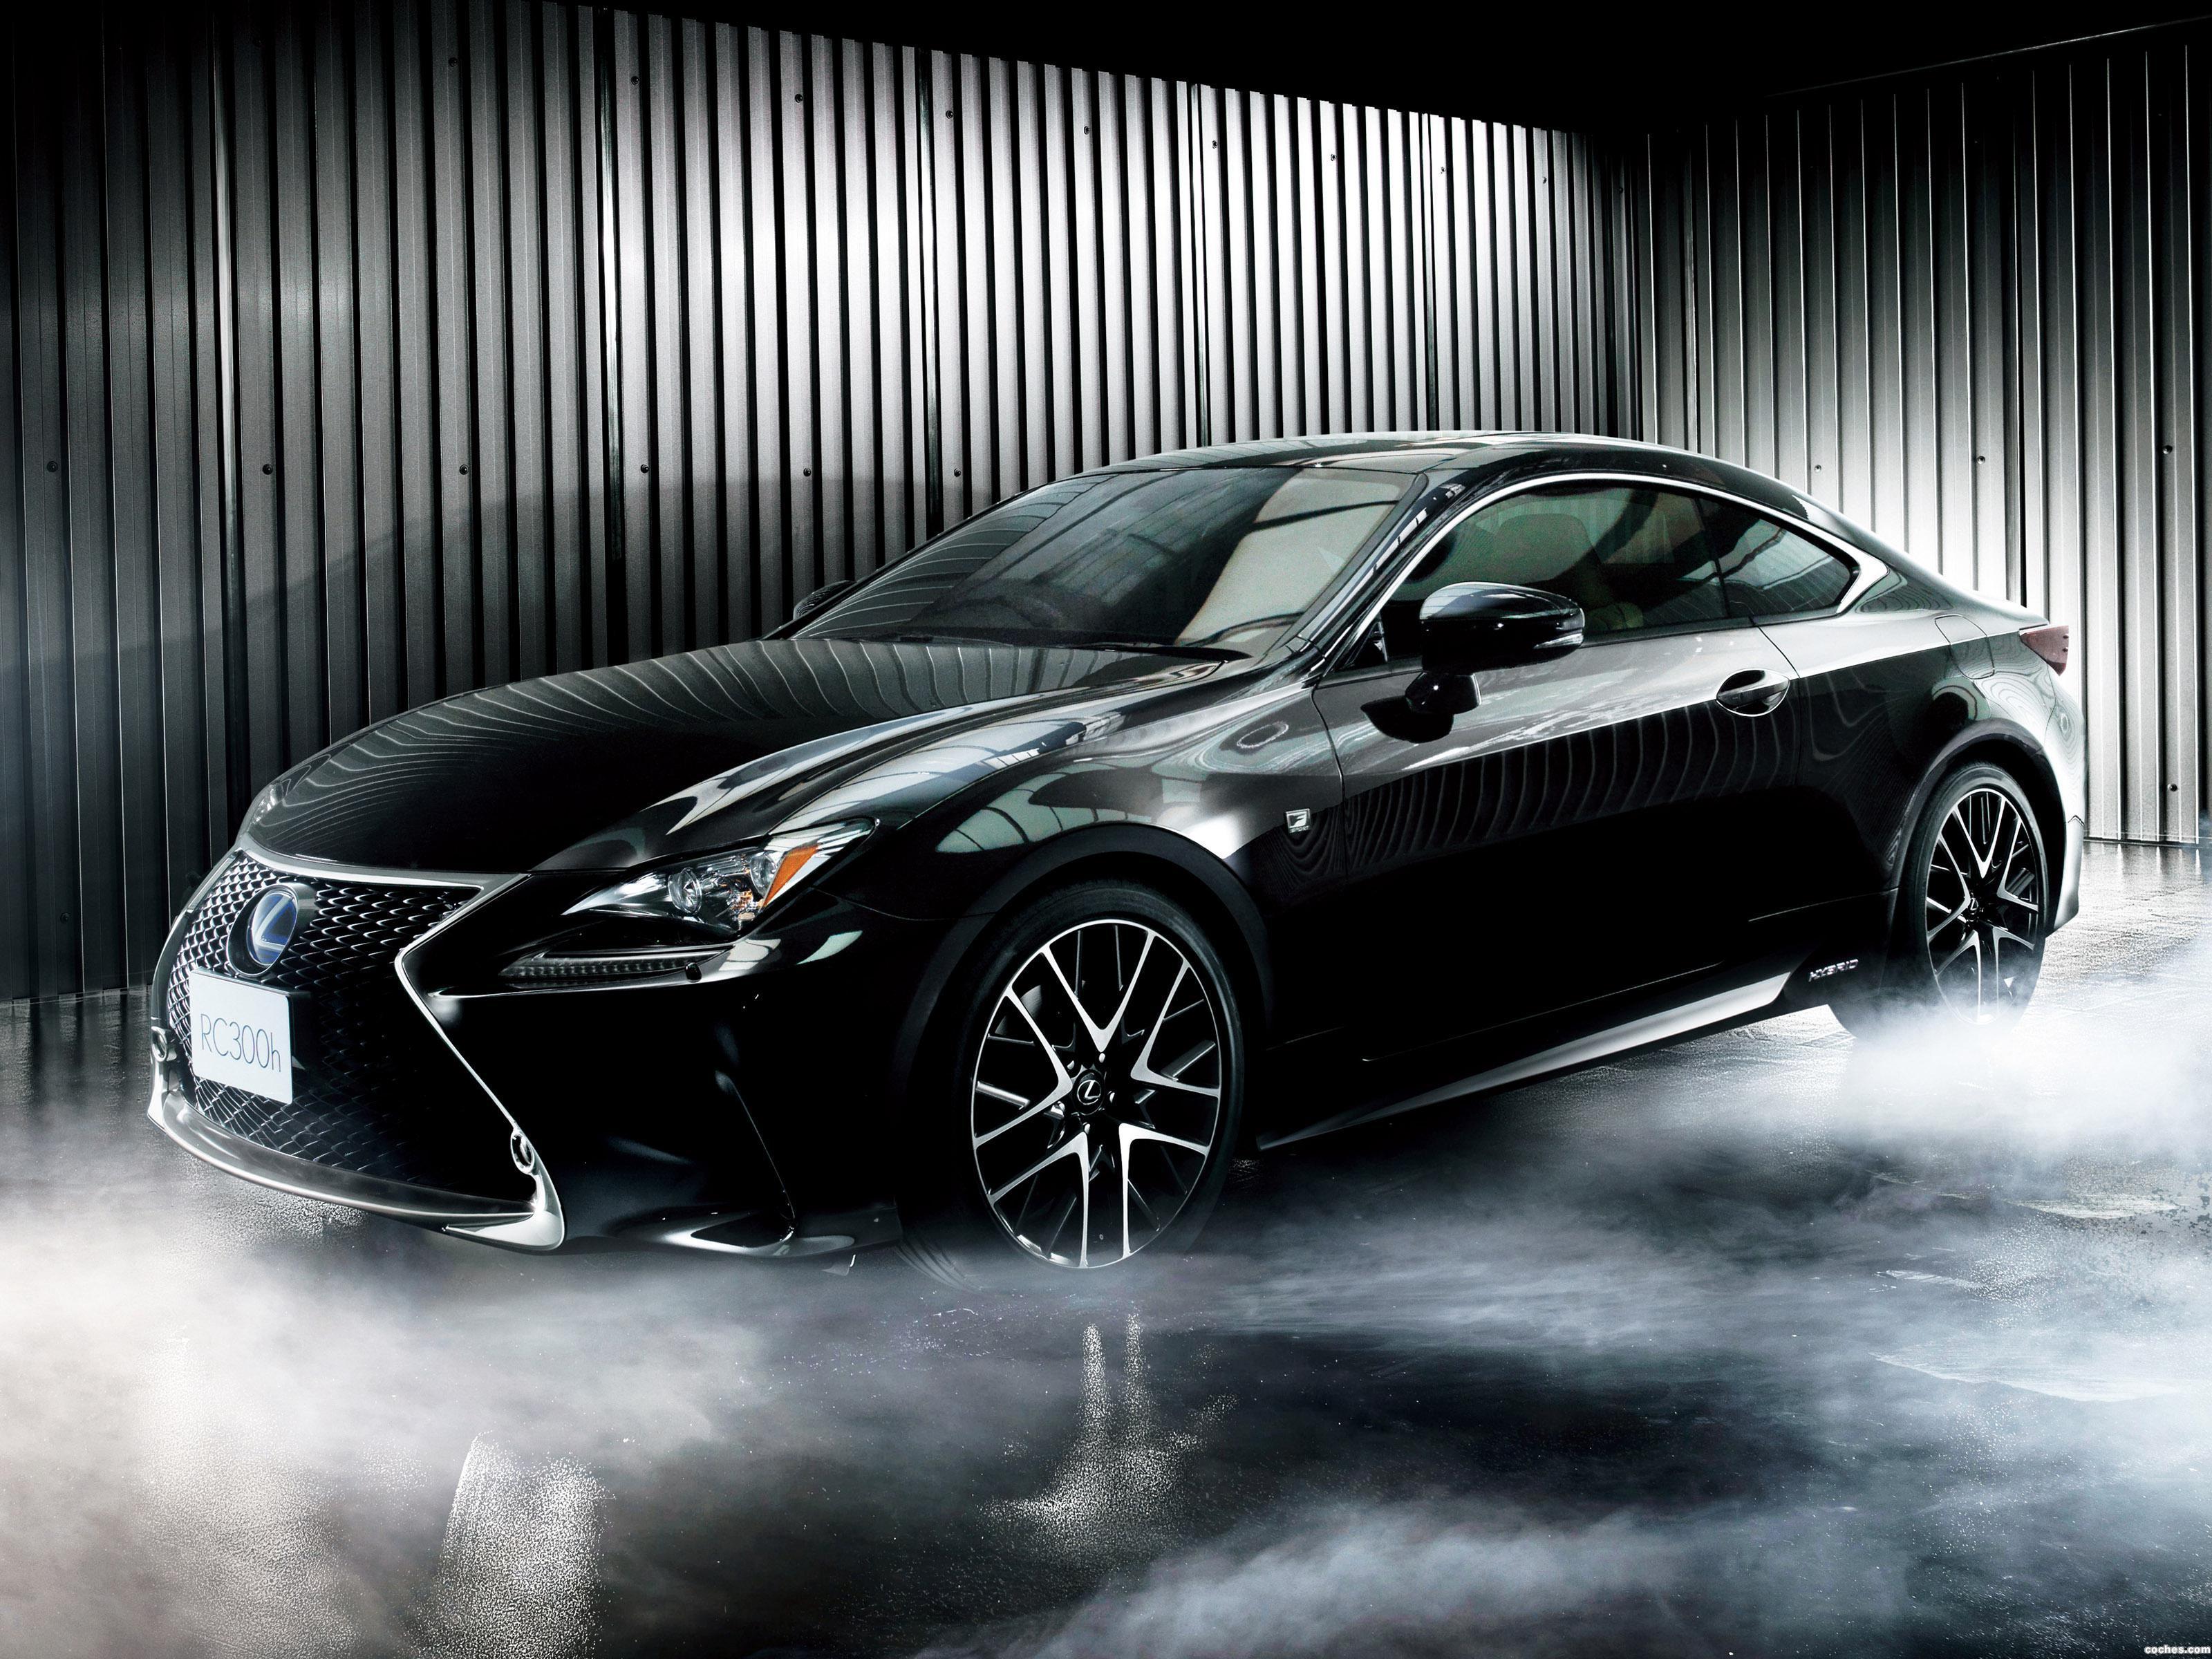 Foto 0 de Lexus RC 300h F-Sport Japan 2014